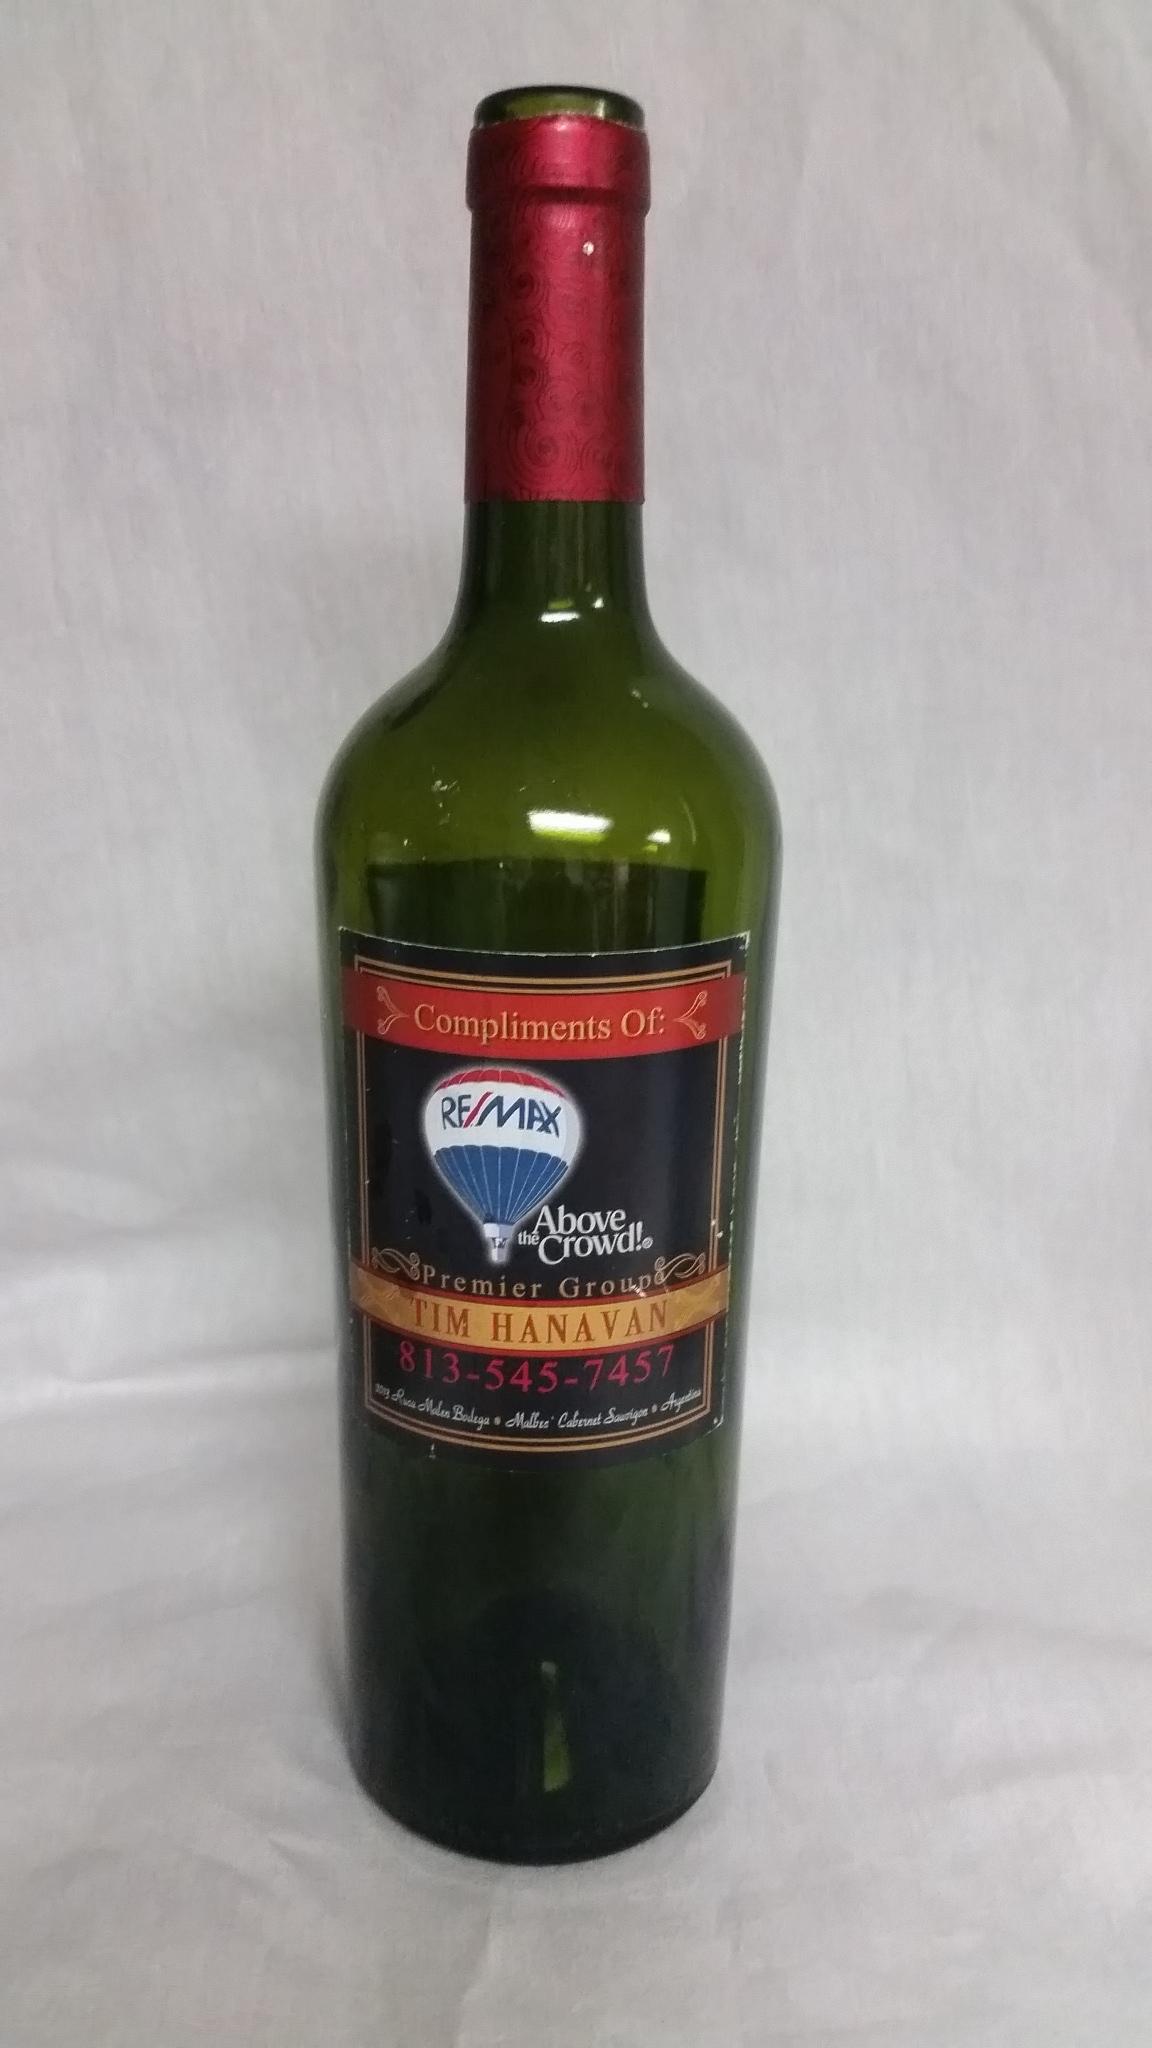 Tim-Hanavan-realtor-personalized-wine-bottle